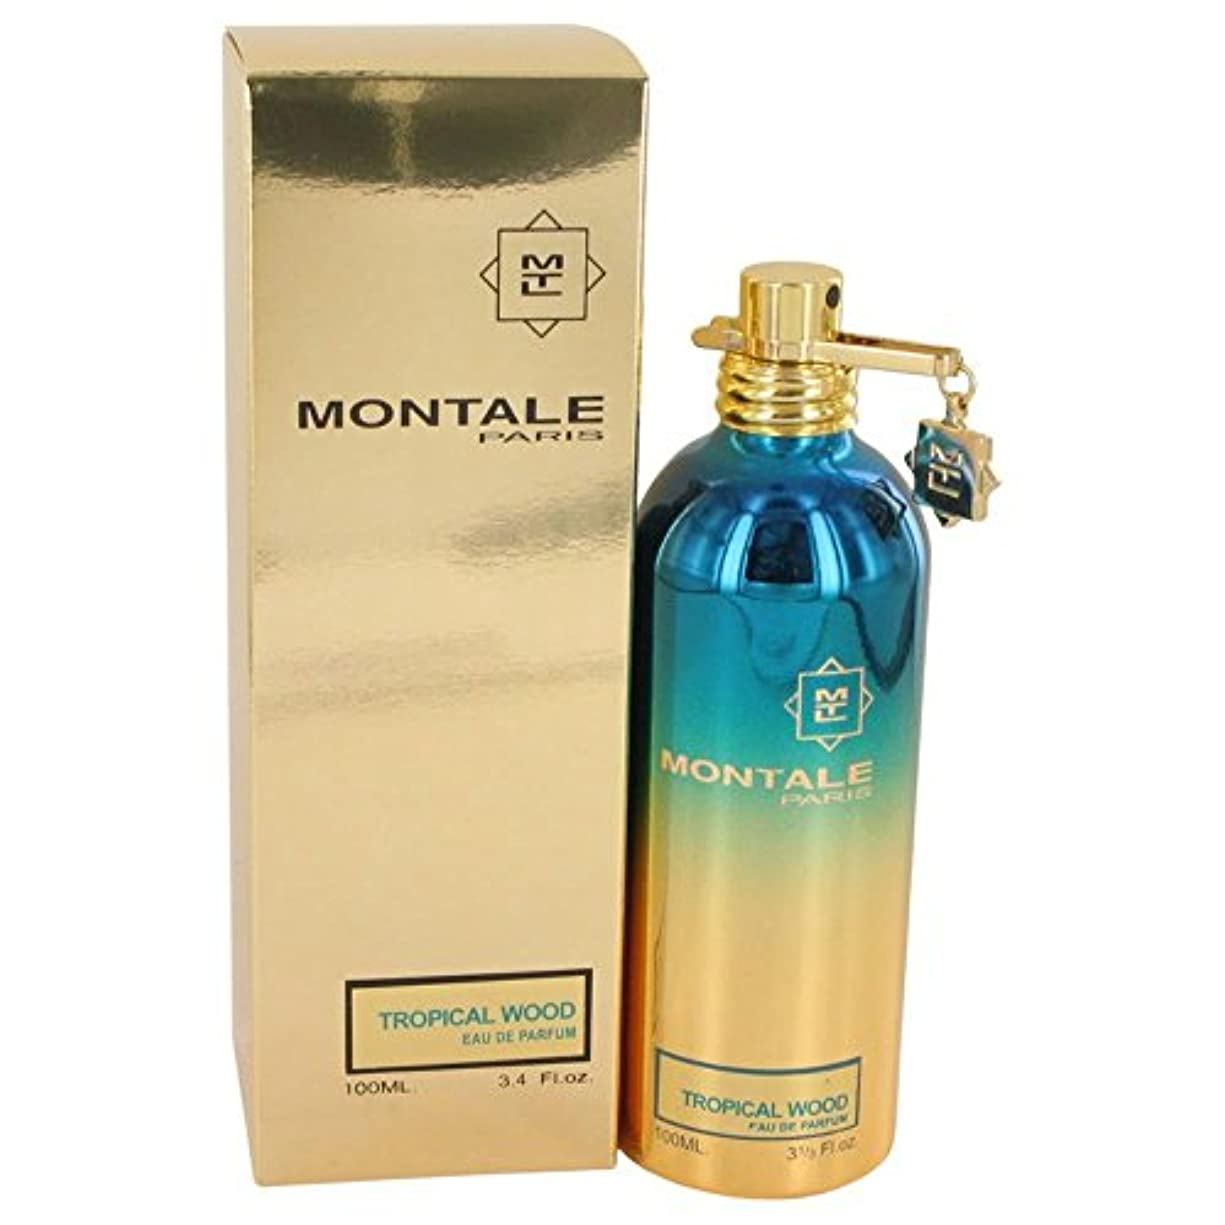 バルクディーラー予約Montale Tropical Wood 100ml/3.4oz Eau De Parfum Spray Unisex Perfume Fragrance